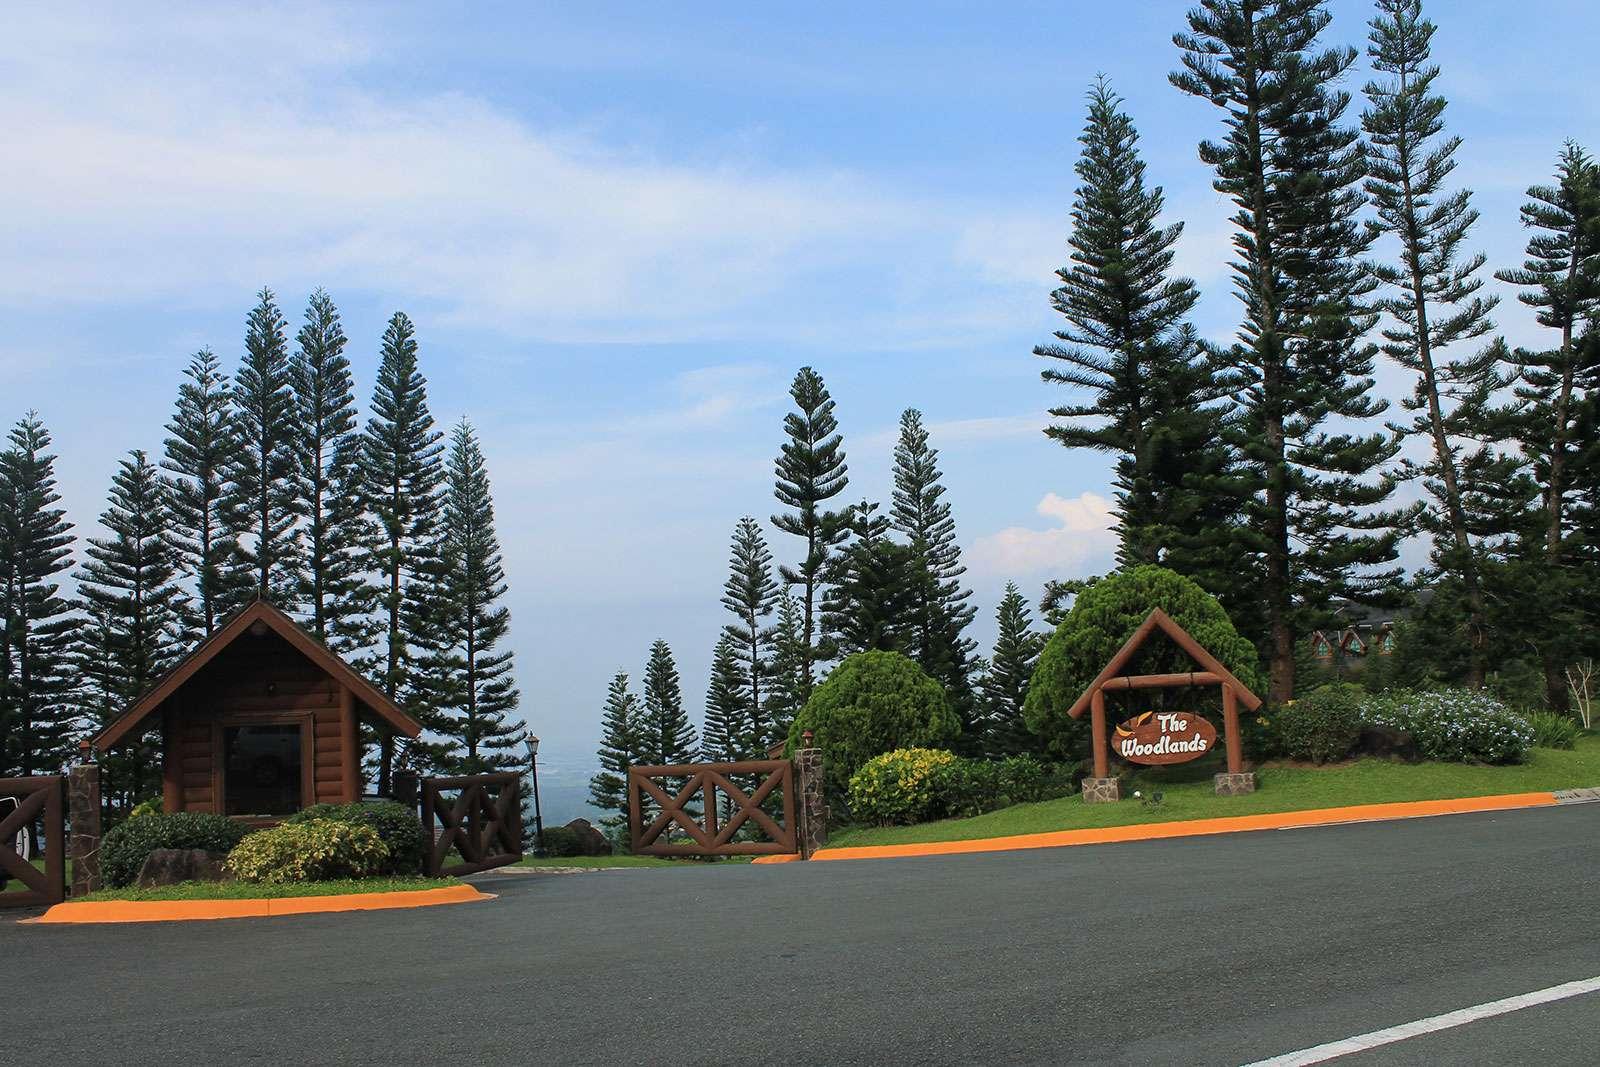 Woodlands Entrance Gate